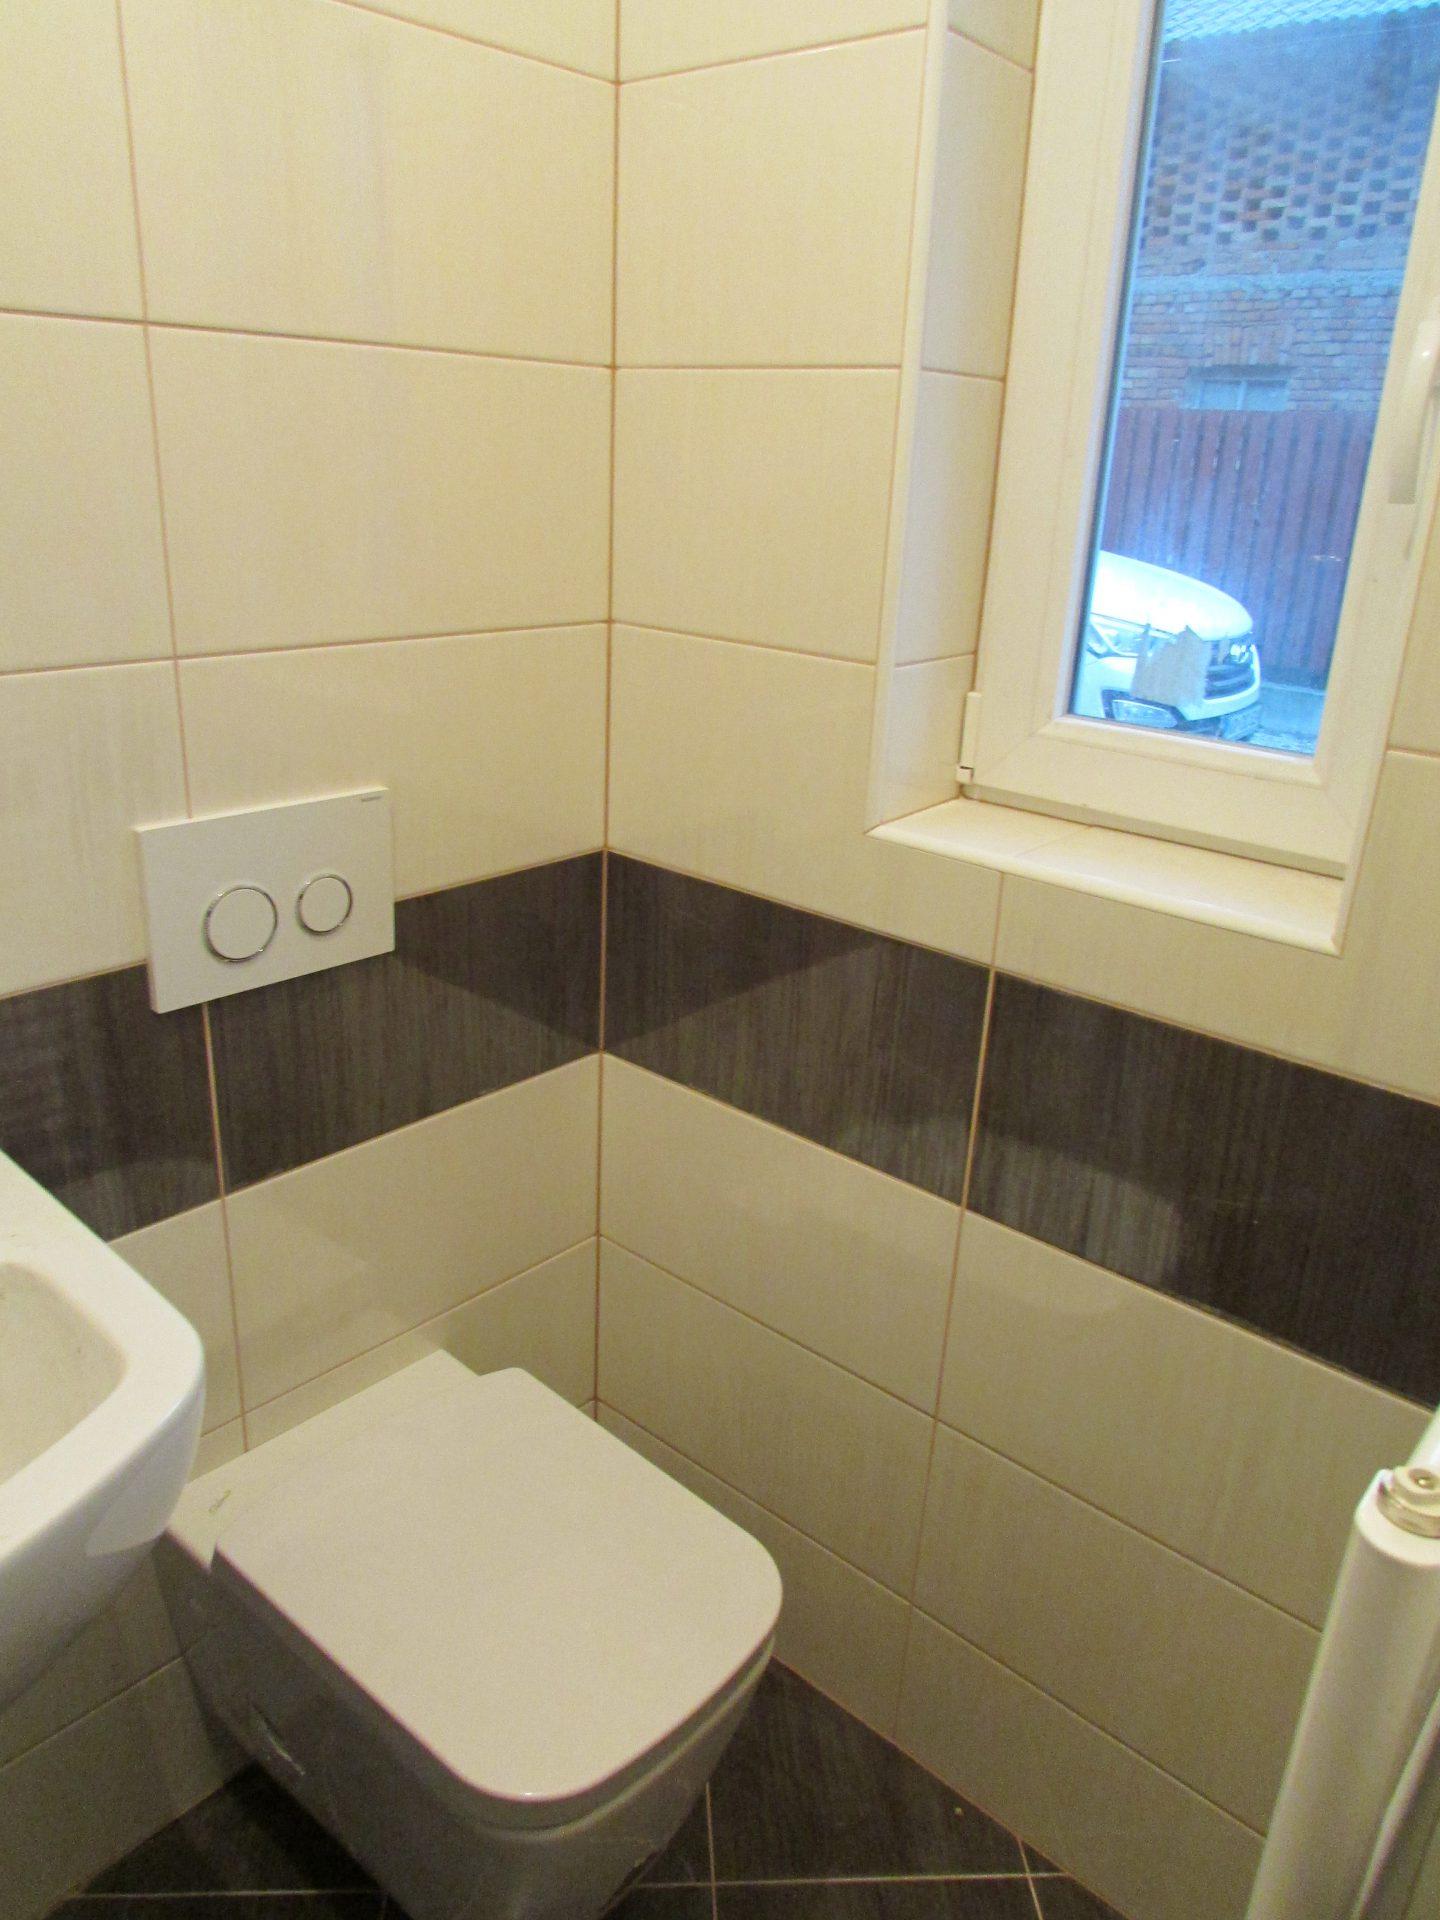 Polaganje ploščic v kopalnici 17